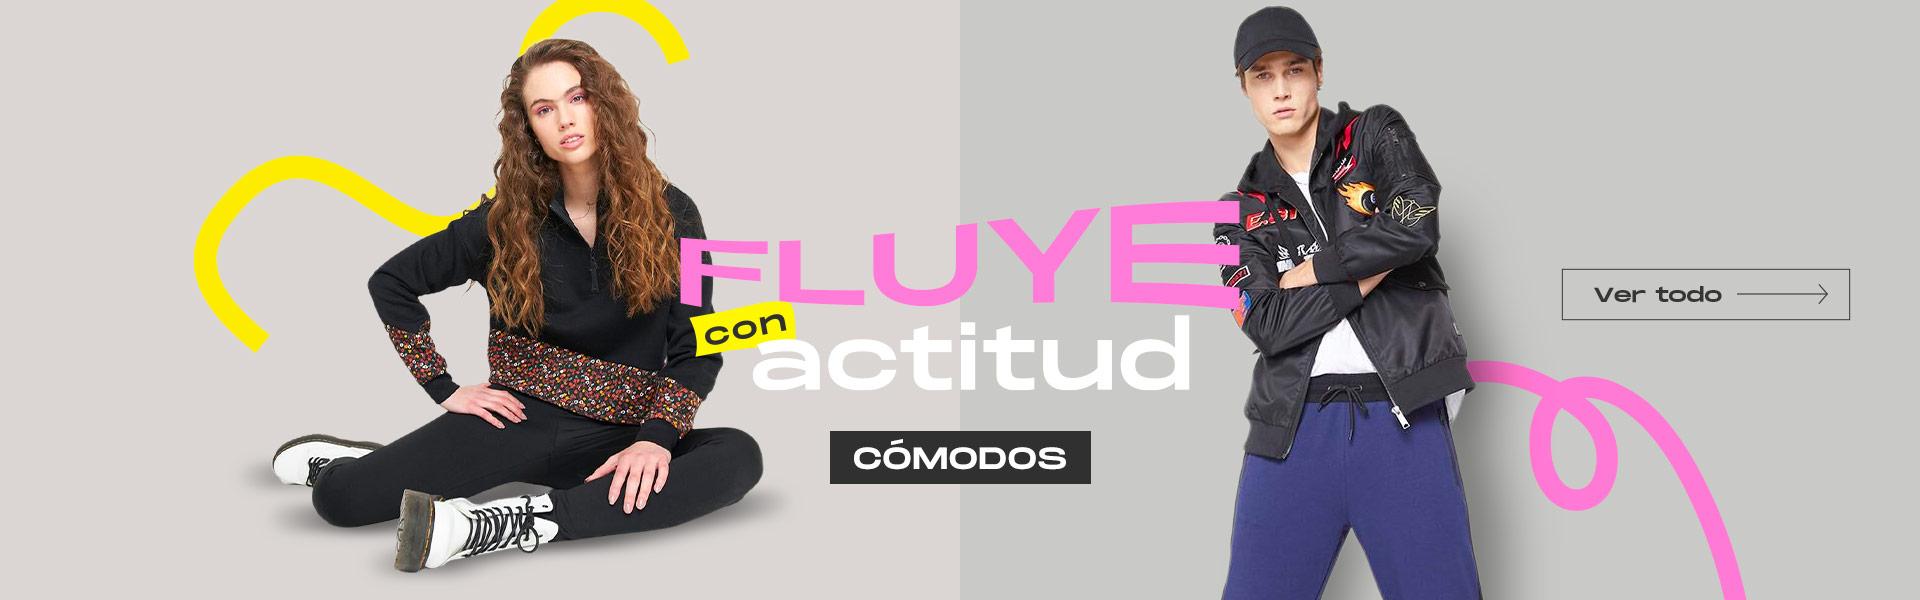 FLUYE CON ACTITUD